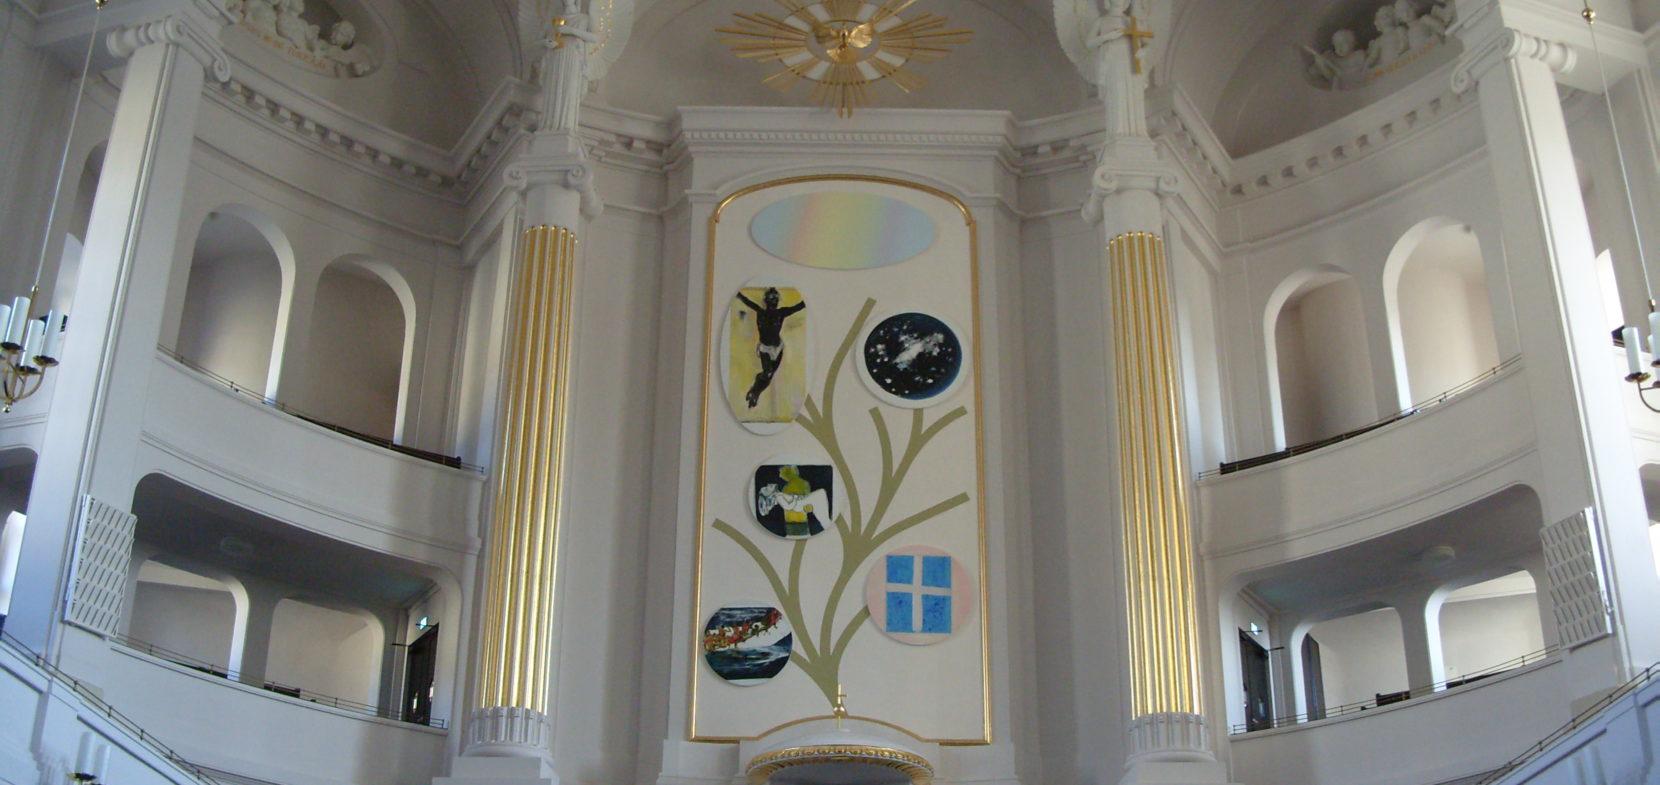 Annen Kirche Dresden